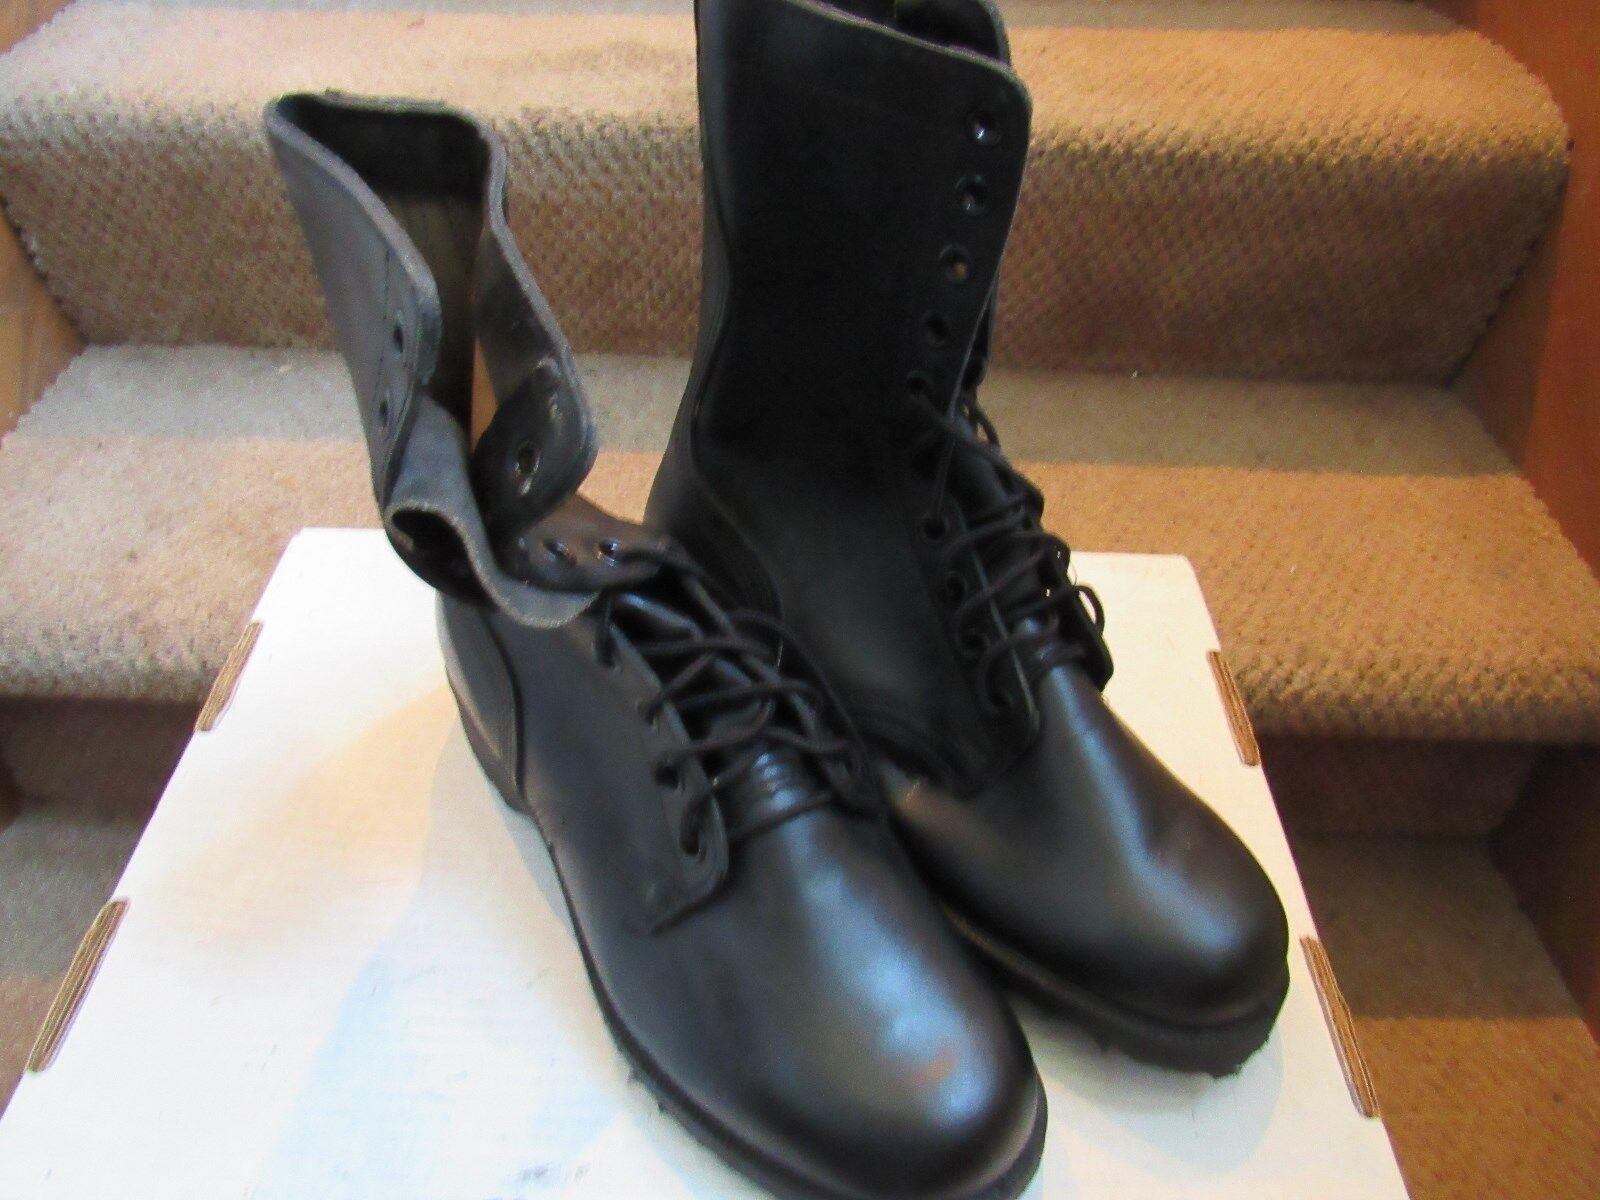 sconto prezzo basso PAIR US ARMY nero nero nero COMBAT stivali uomo Dimensione 8 WIDE MARINES ROTHCO June 1984  molto popolare